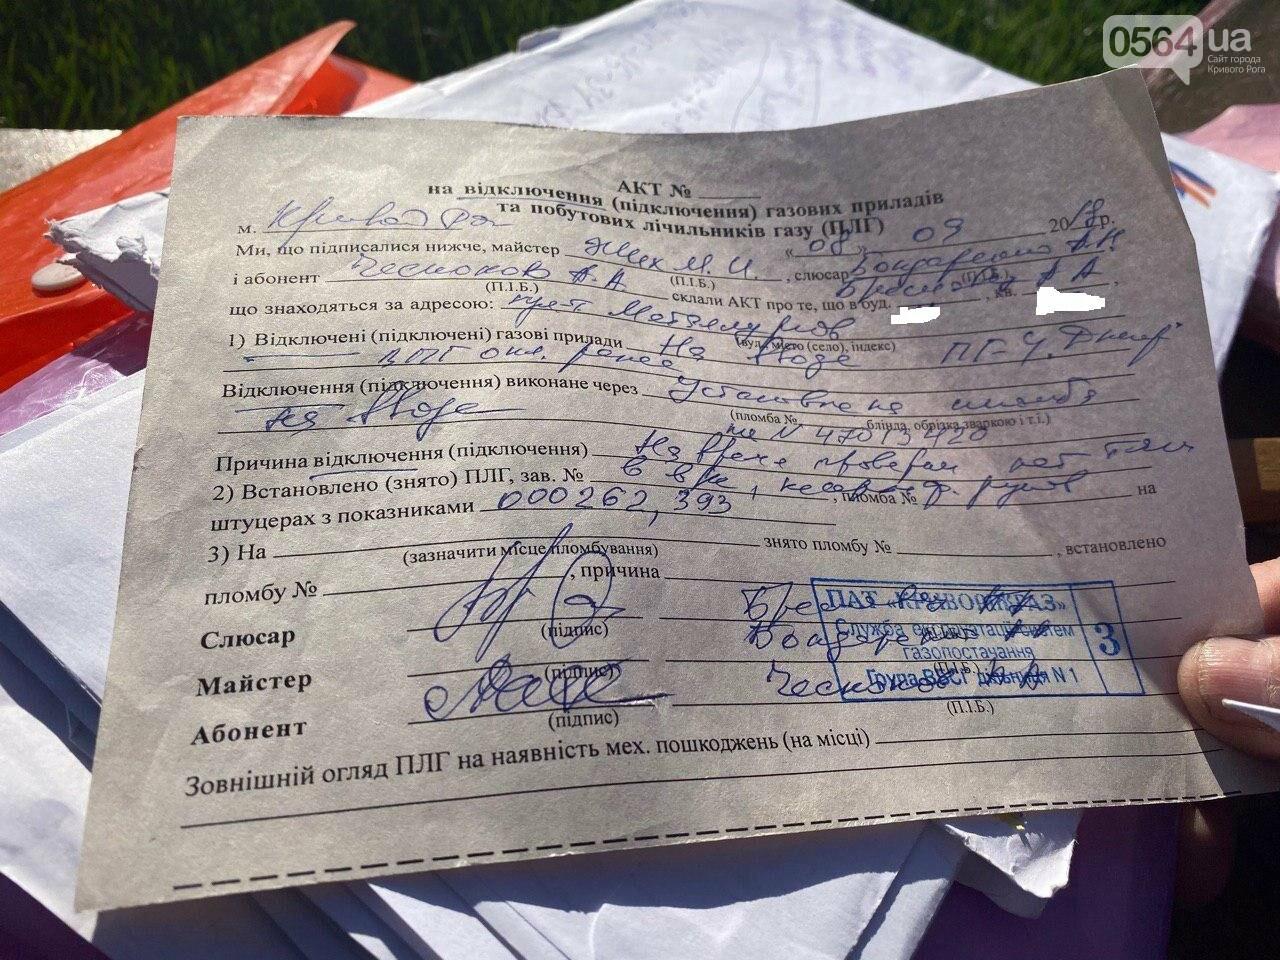 Криворожанин вышел на одиночный пикет под стены горисполкома, - ФОТО, ВИДЕО , фото-11